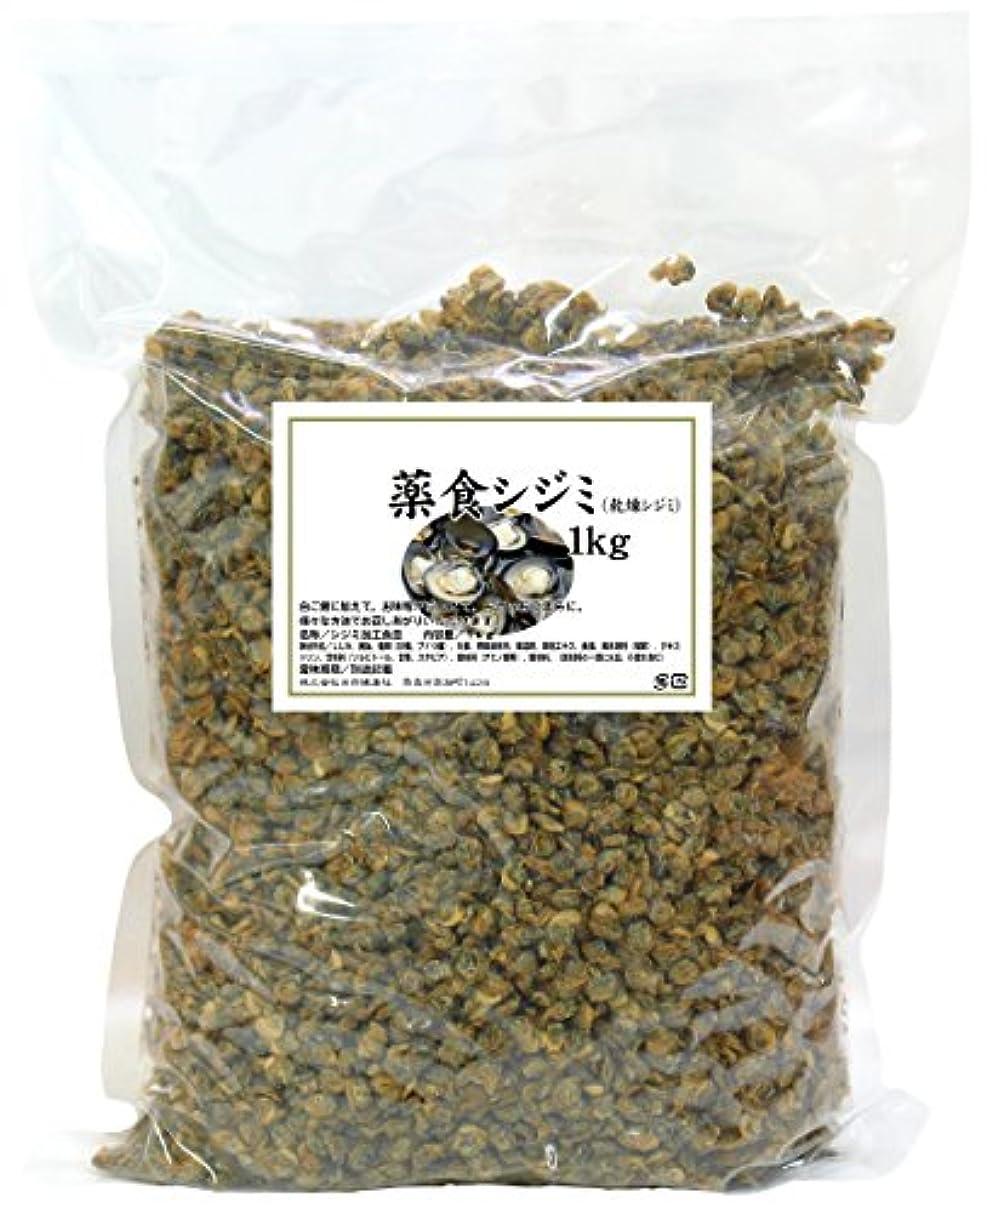 展示会動機エンターテインメント乾燥シジミ1kg タウリン オルニチン 自然食品